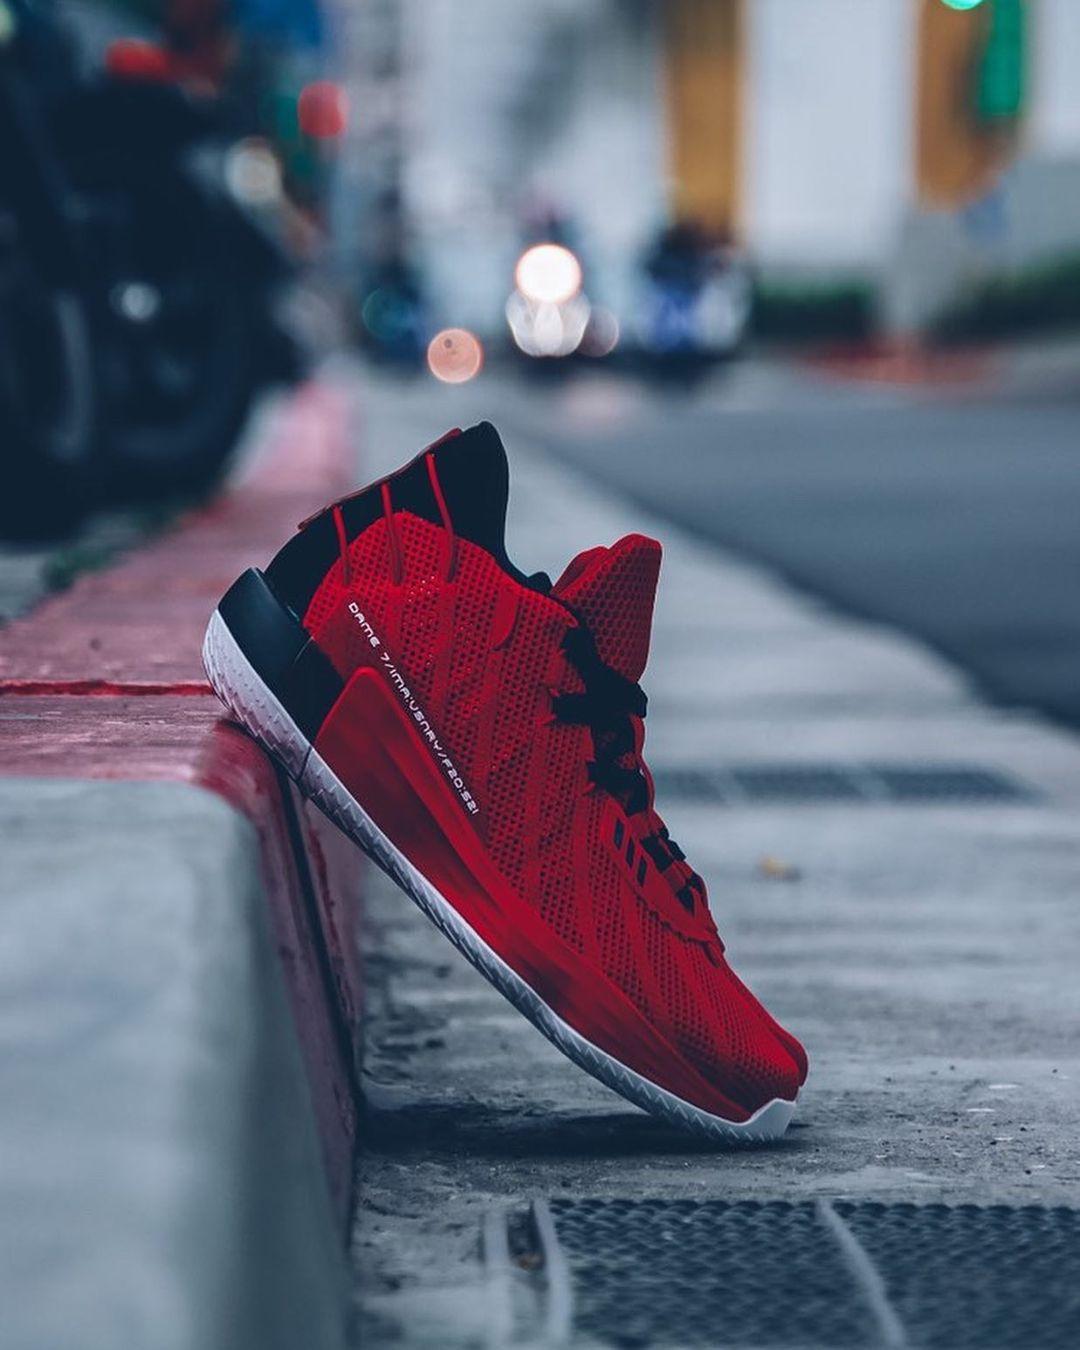 利拉德更新社媒,晒出自己战靴在都市街头的摆拍照